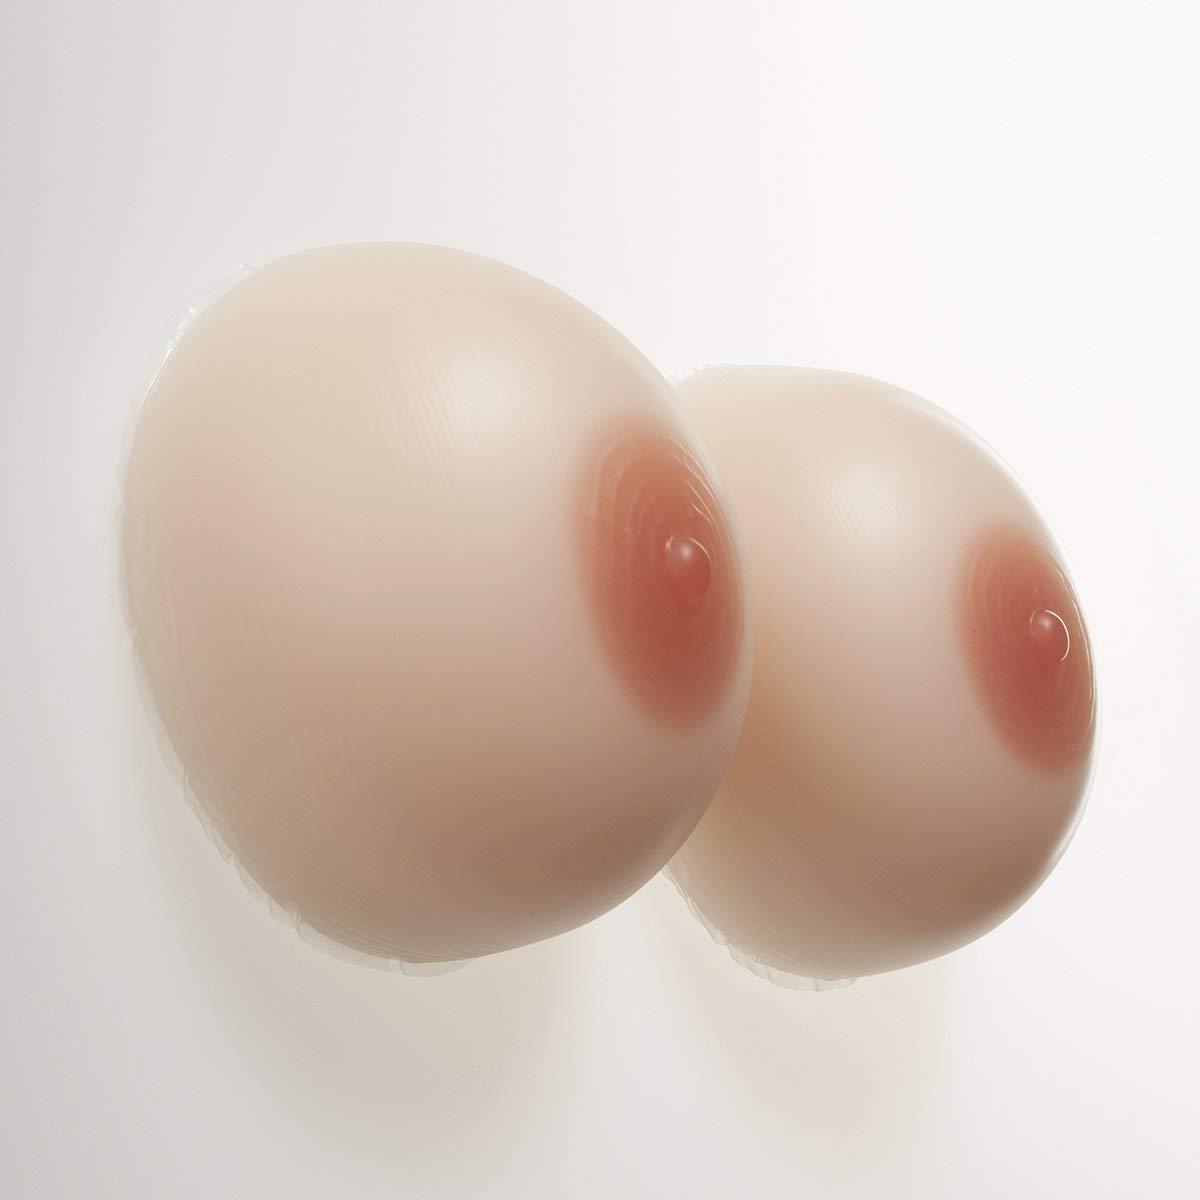 QYJX Prótesis De Silicona De Mama Falsa De Cosplay, Mama De Silicona Autoadhesiva para Pacientes Con Mastectomía, Almohadilla De Silicona Falsa En El Pecho Ropa Desnaturalizada (1 Par),8XL